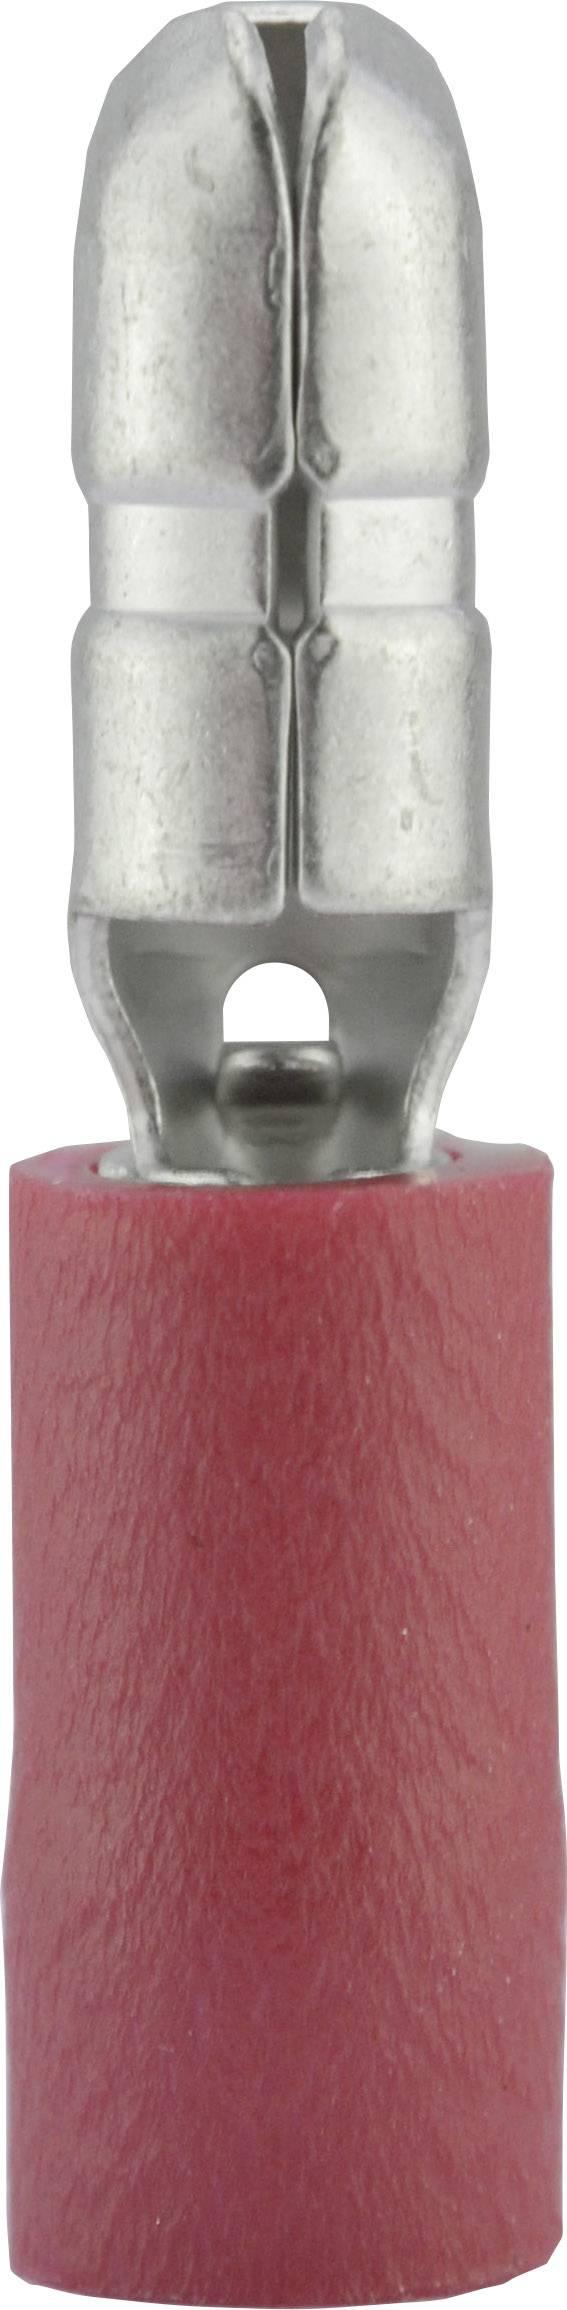 Guľatý faston Vogt Verbindungstechnik 3920S, 0.50 - 1 mm², Ø hrotu: 4 mm, čiastočne izolované, červená, 1 ks